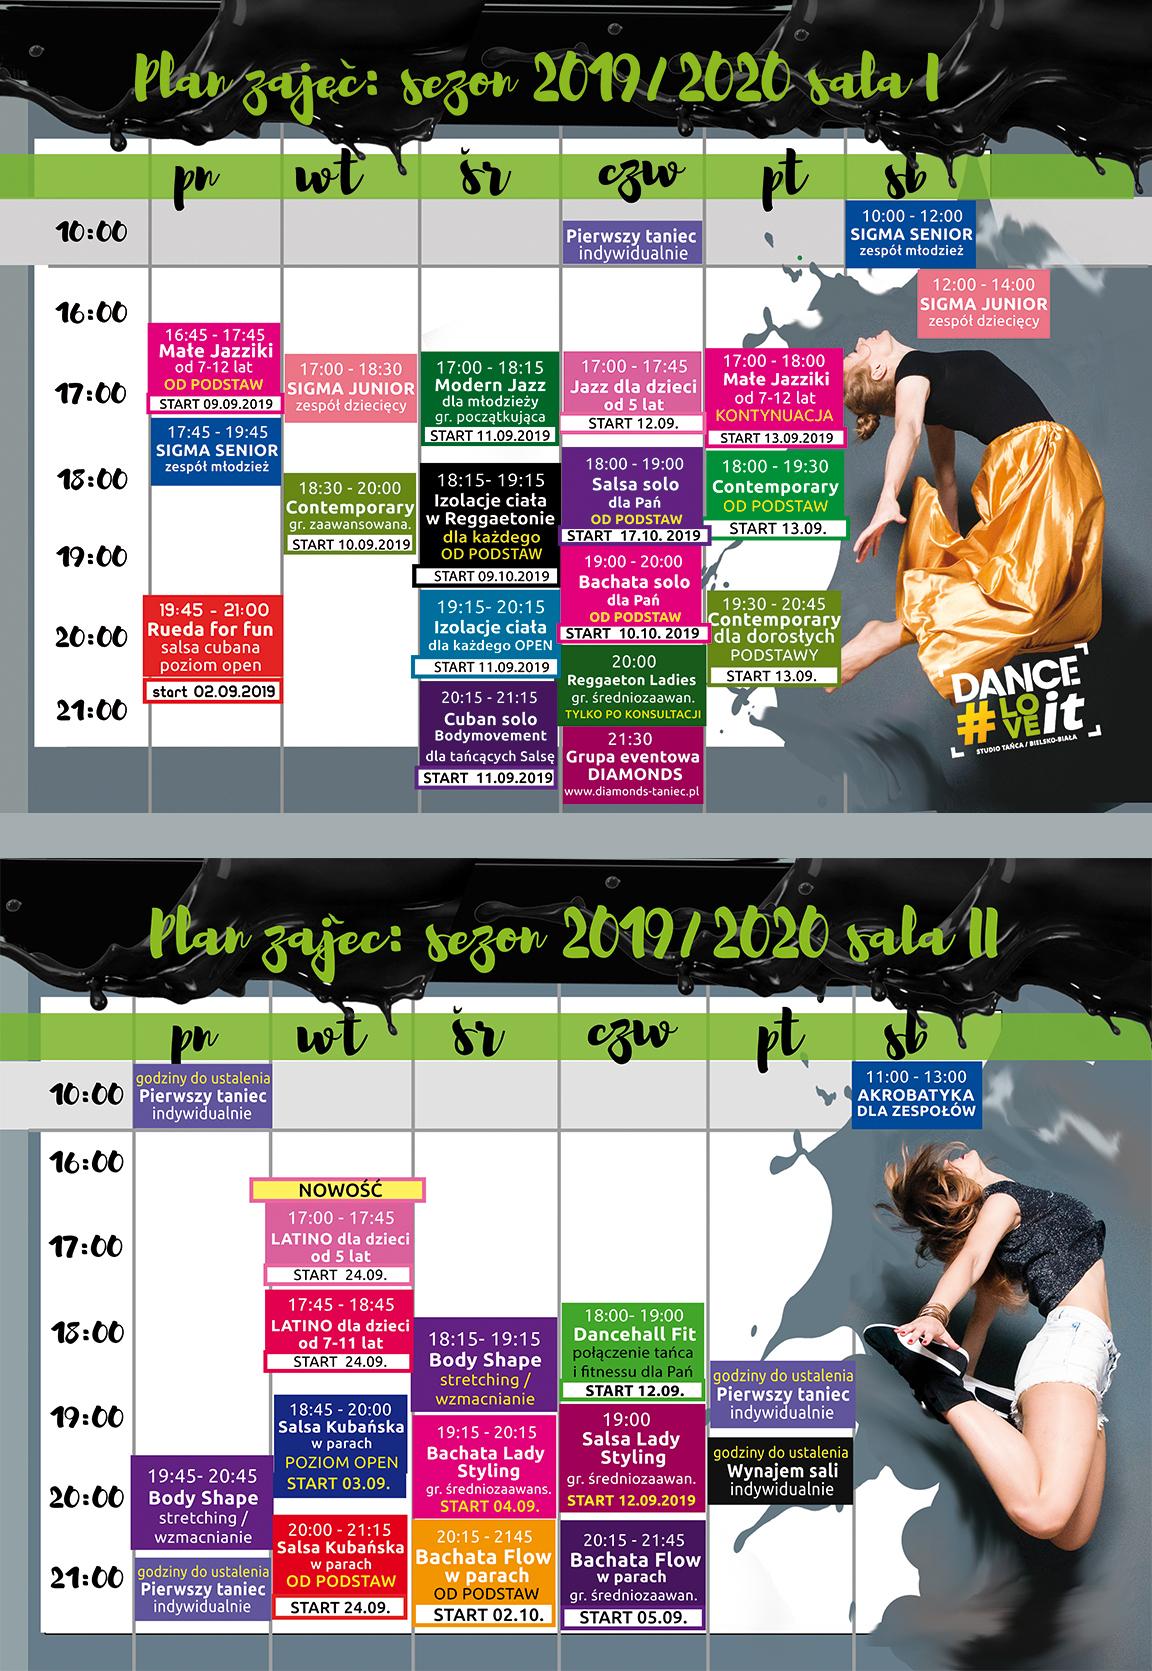 zestawienie-obydwu-sal-sezon-2019-2020-danceloveit-szkola-tanca-bielsko-biala-zapisy